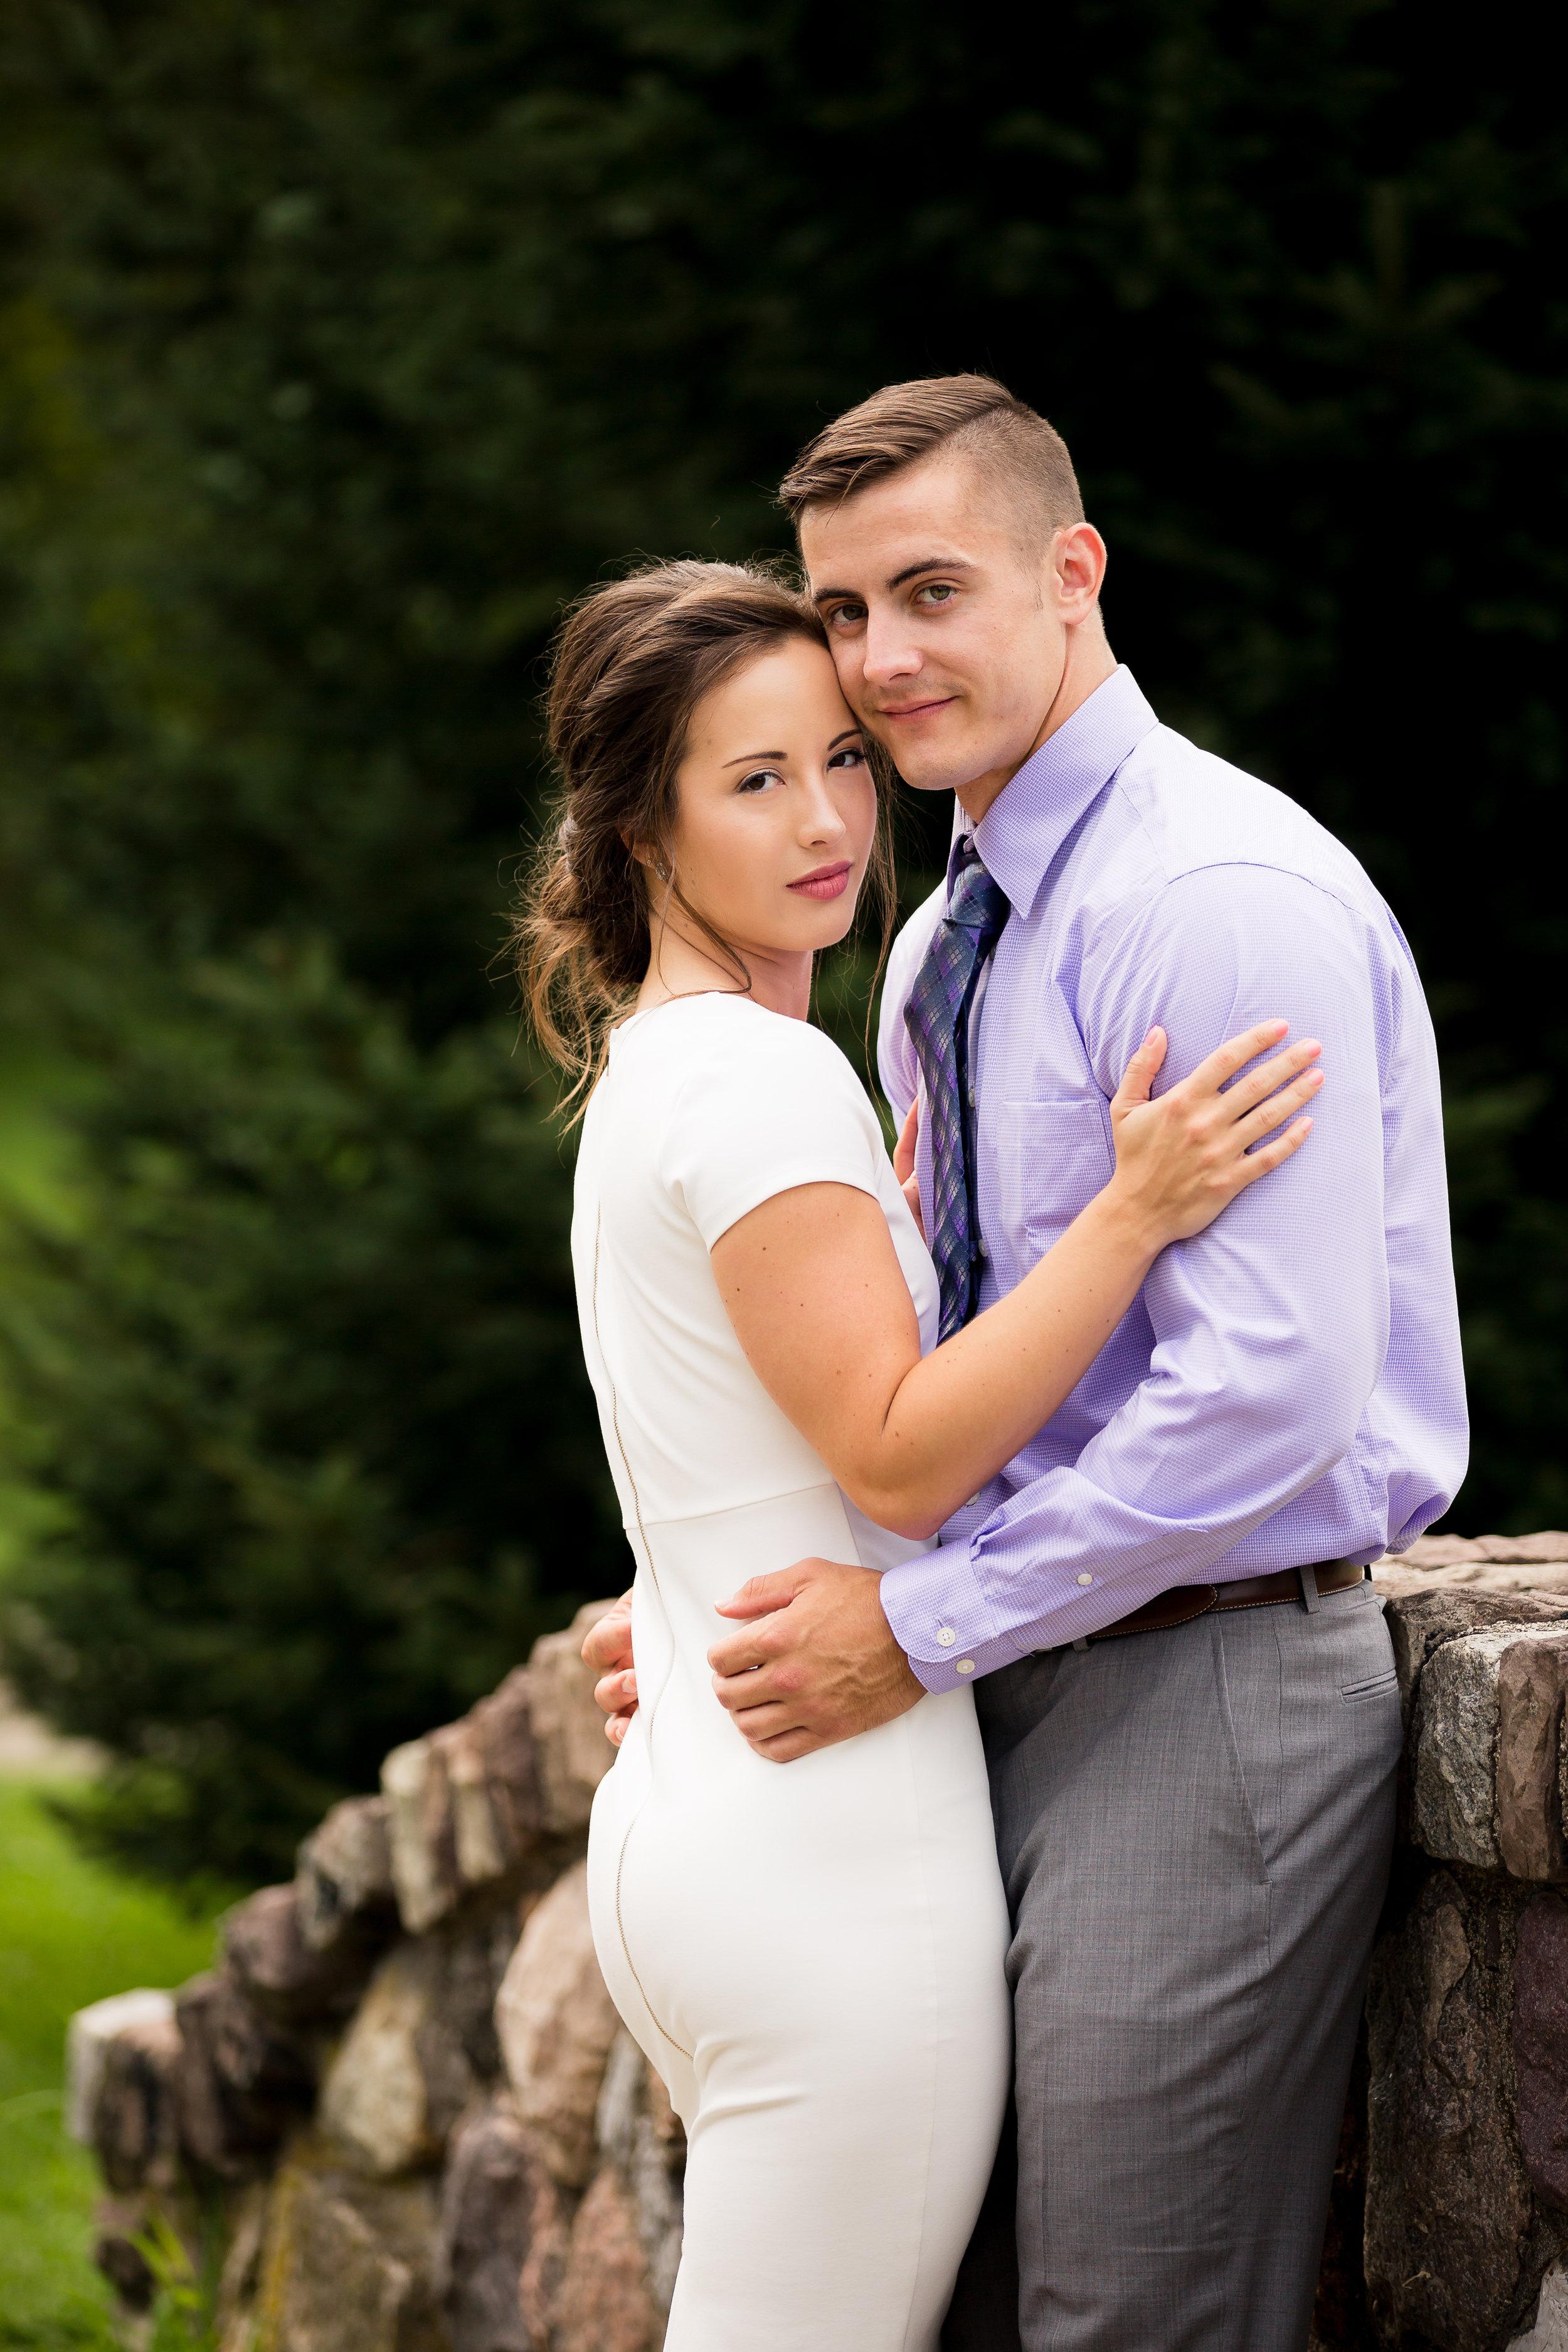 Civil Ceremony Wedding Pictures